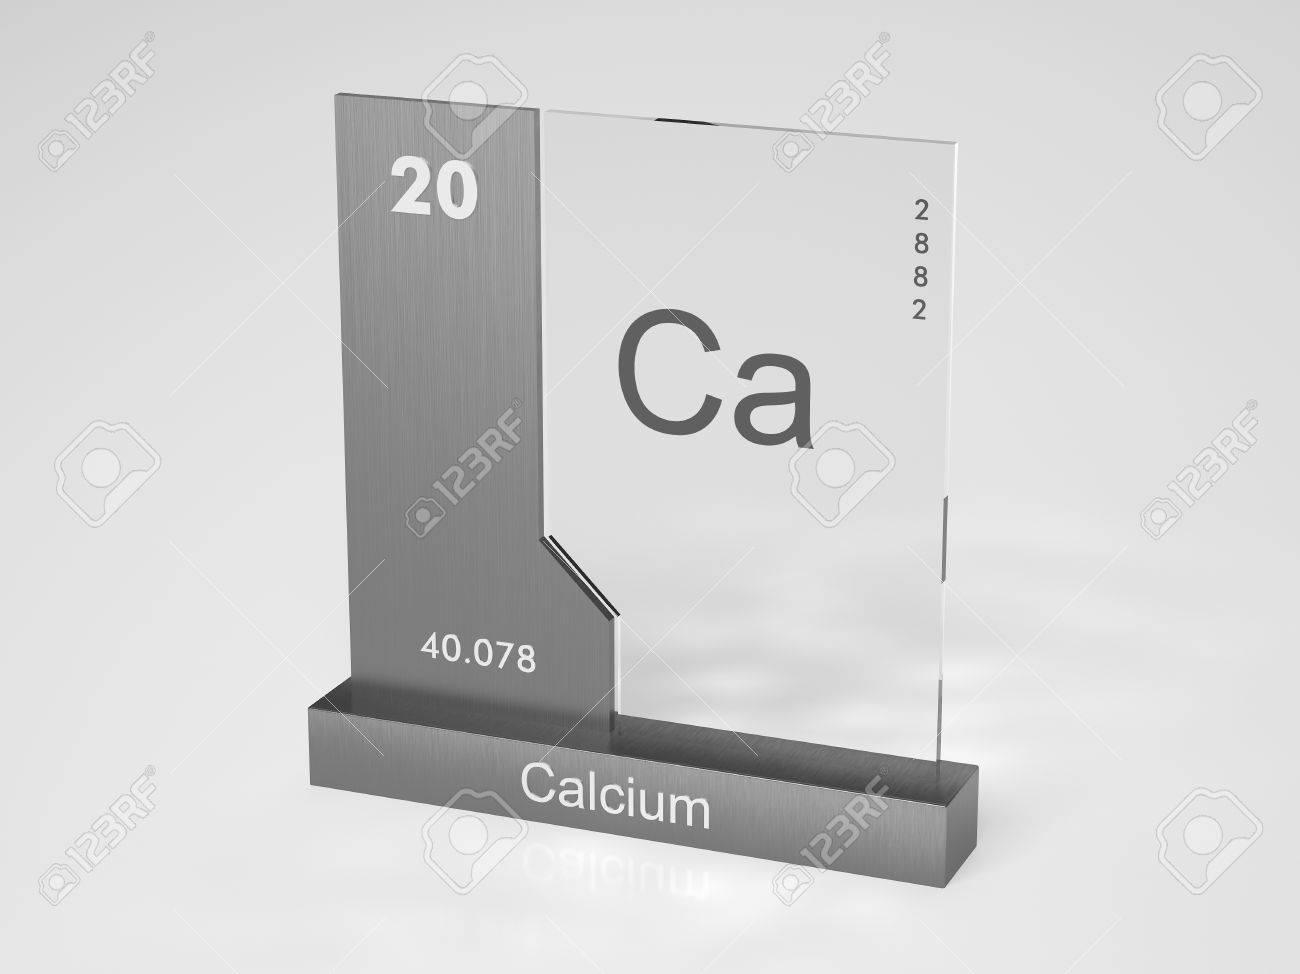 Periodic table calcium symbol image collections periodic table calcium symbol ca stock photo picture and royalty free image calcium symbol ca stock photo 10230165 biocorpaavc Image collections